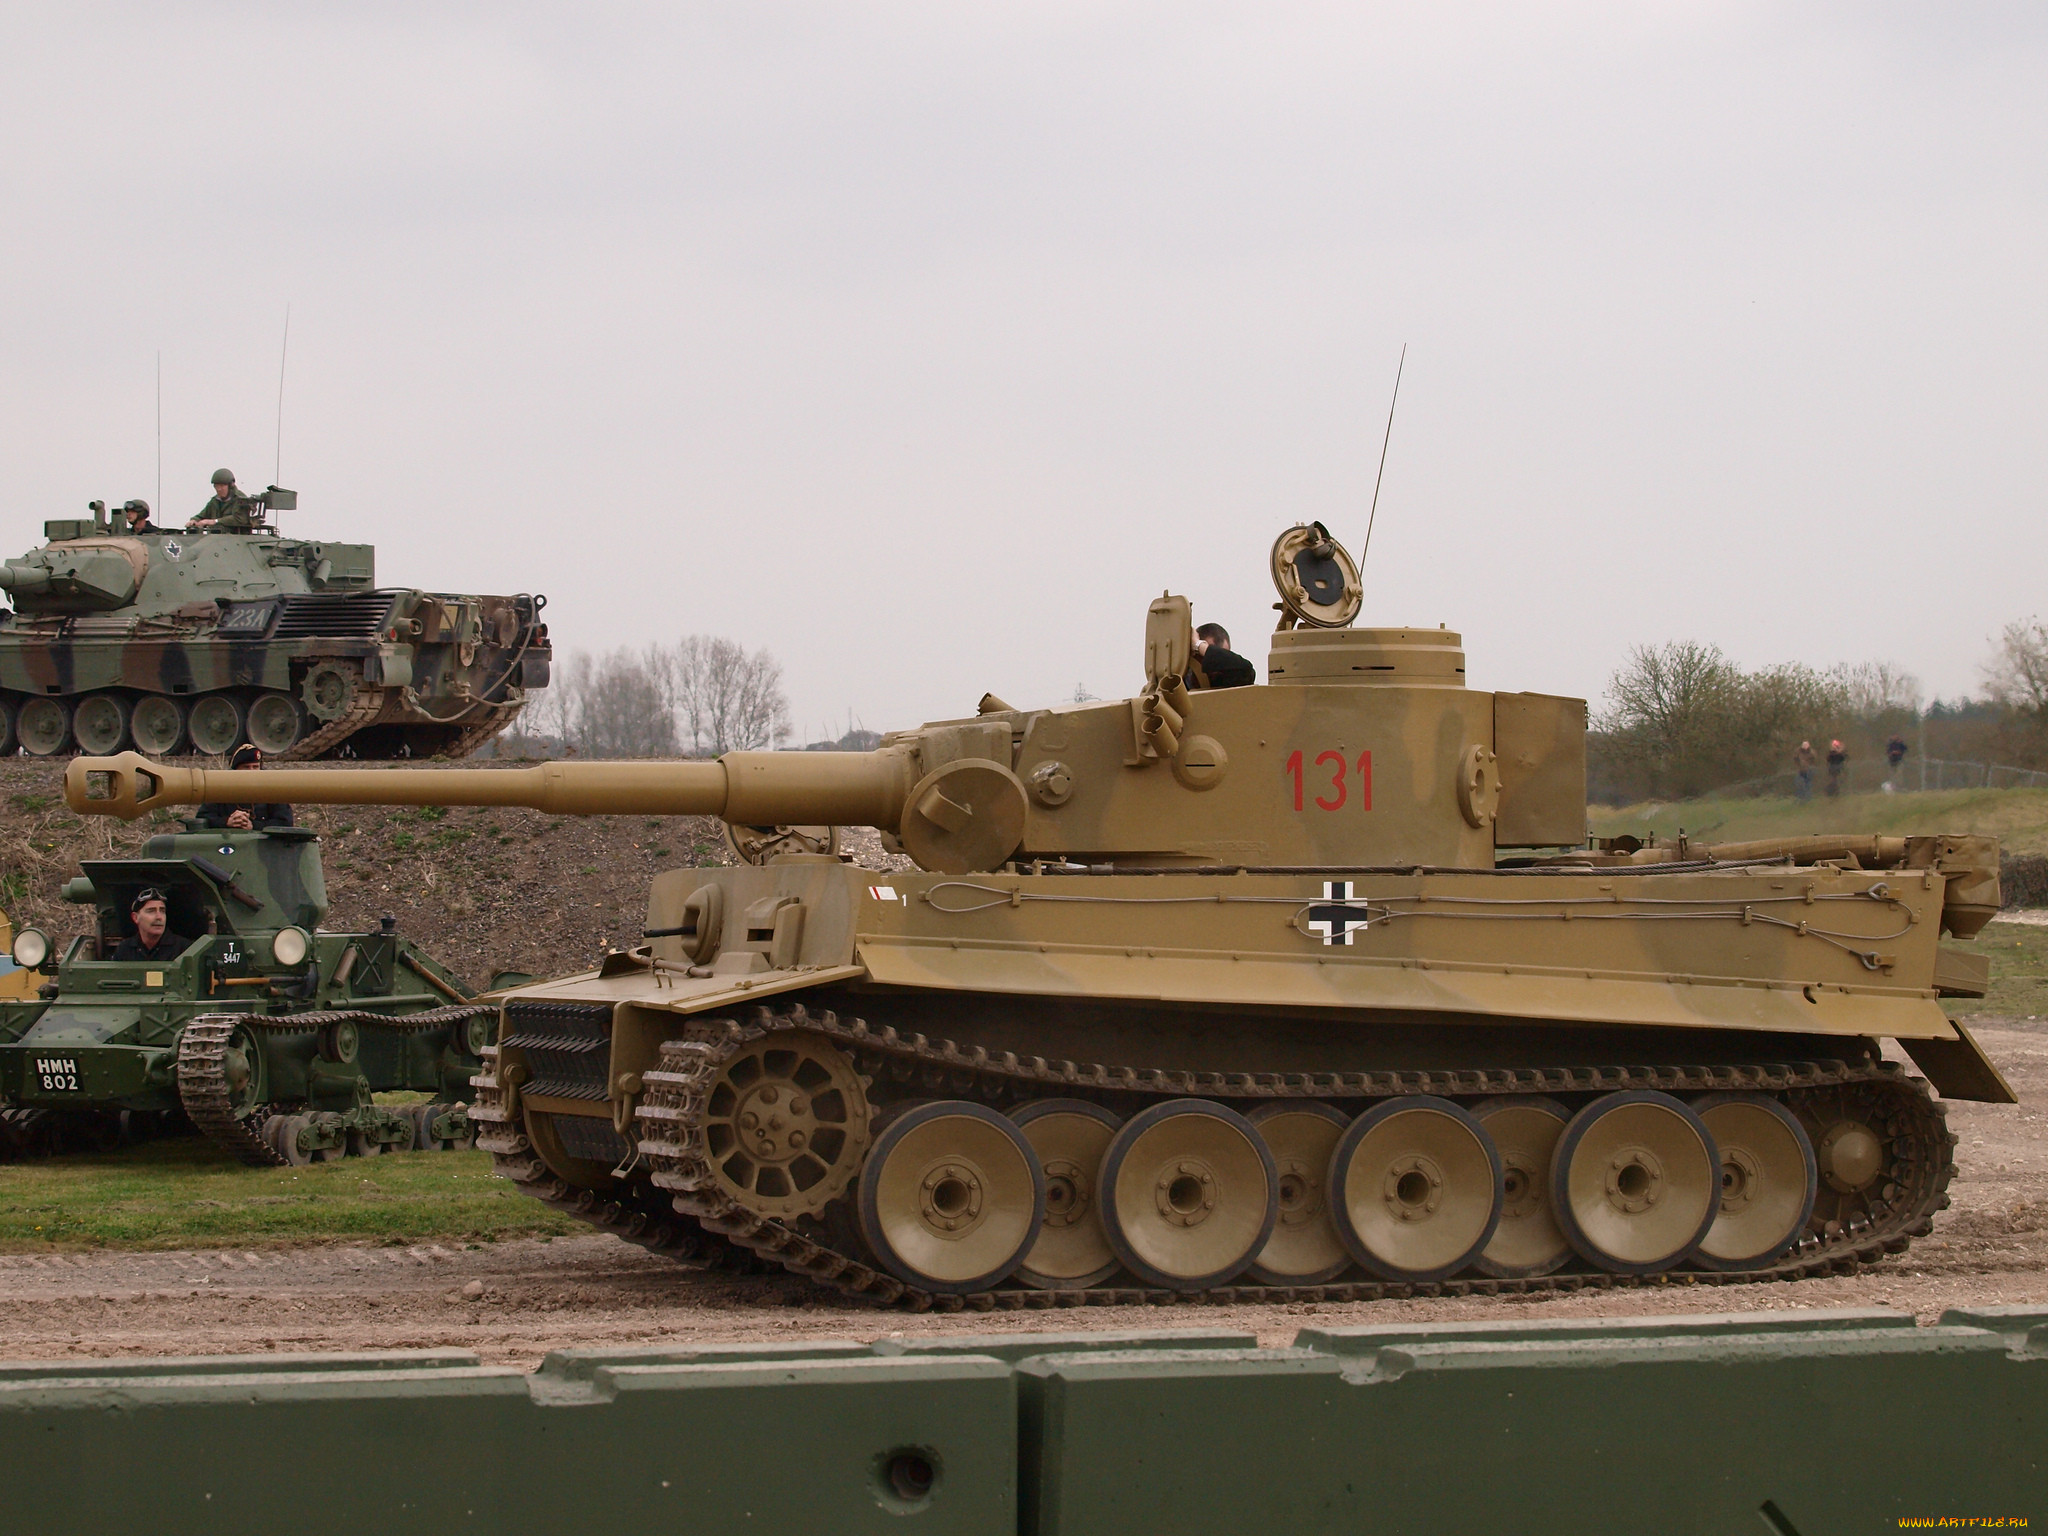 Обои Tiger Техника Военная техника, обои для рабочего ...: http://www.artfile.ru/i.php?i=679381